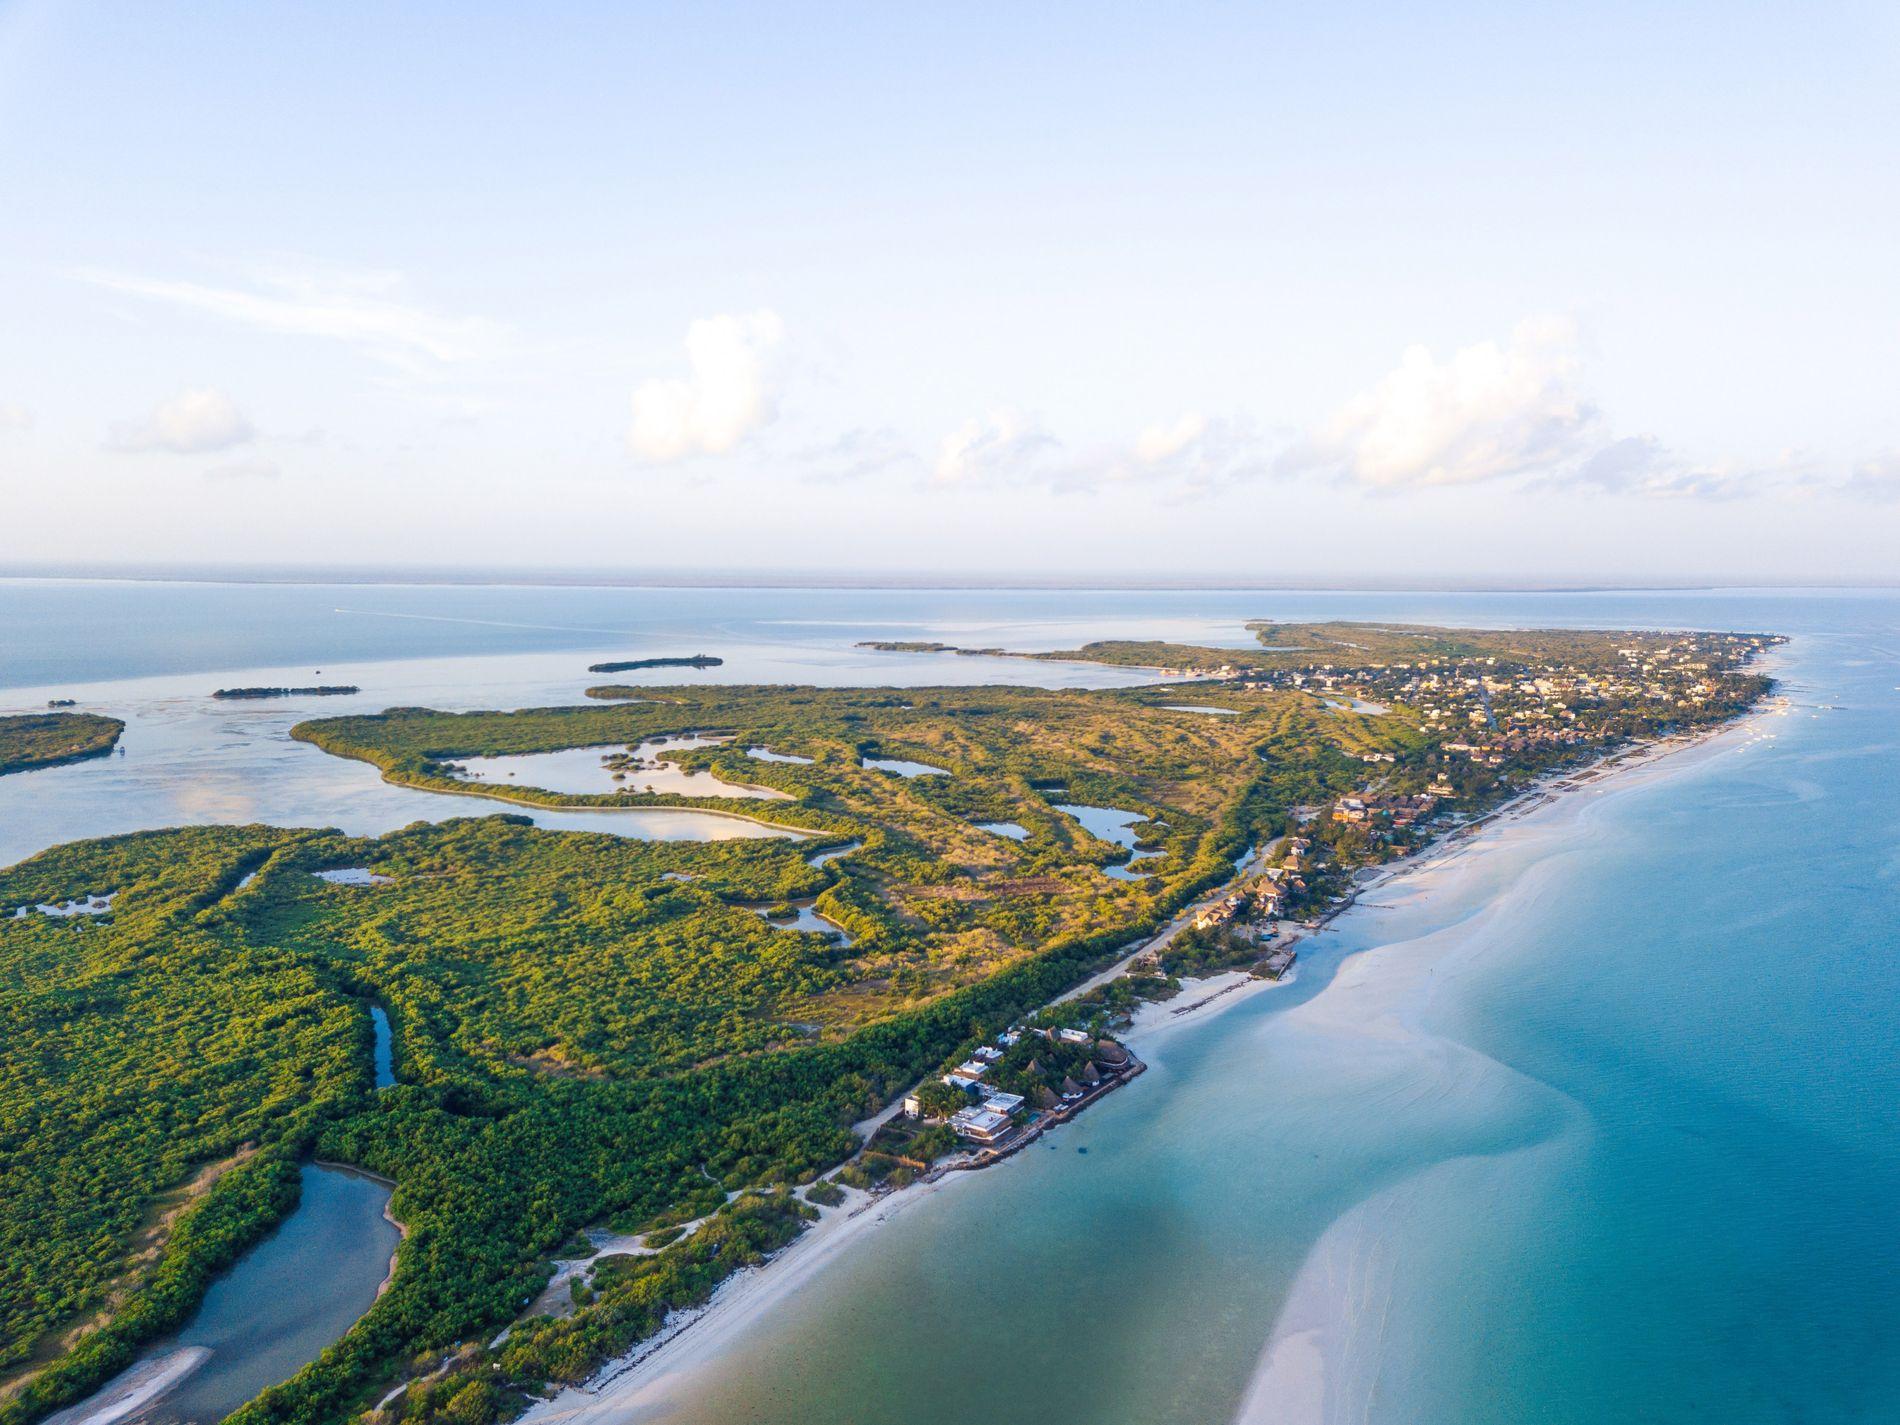 vista aérea de la isla de Holbox